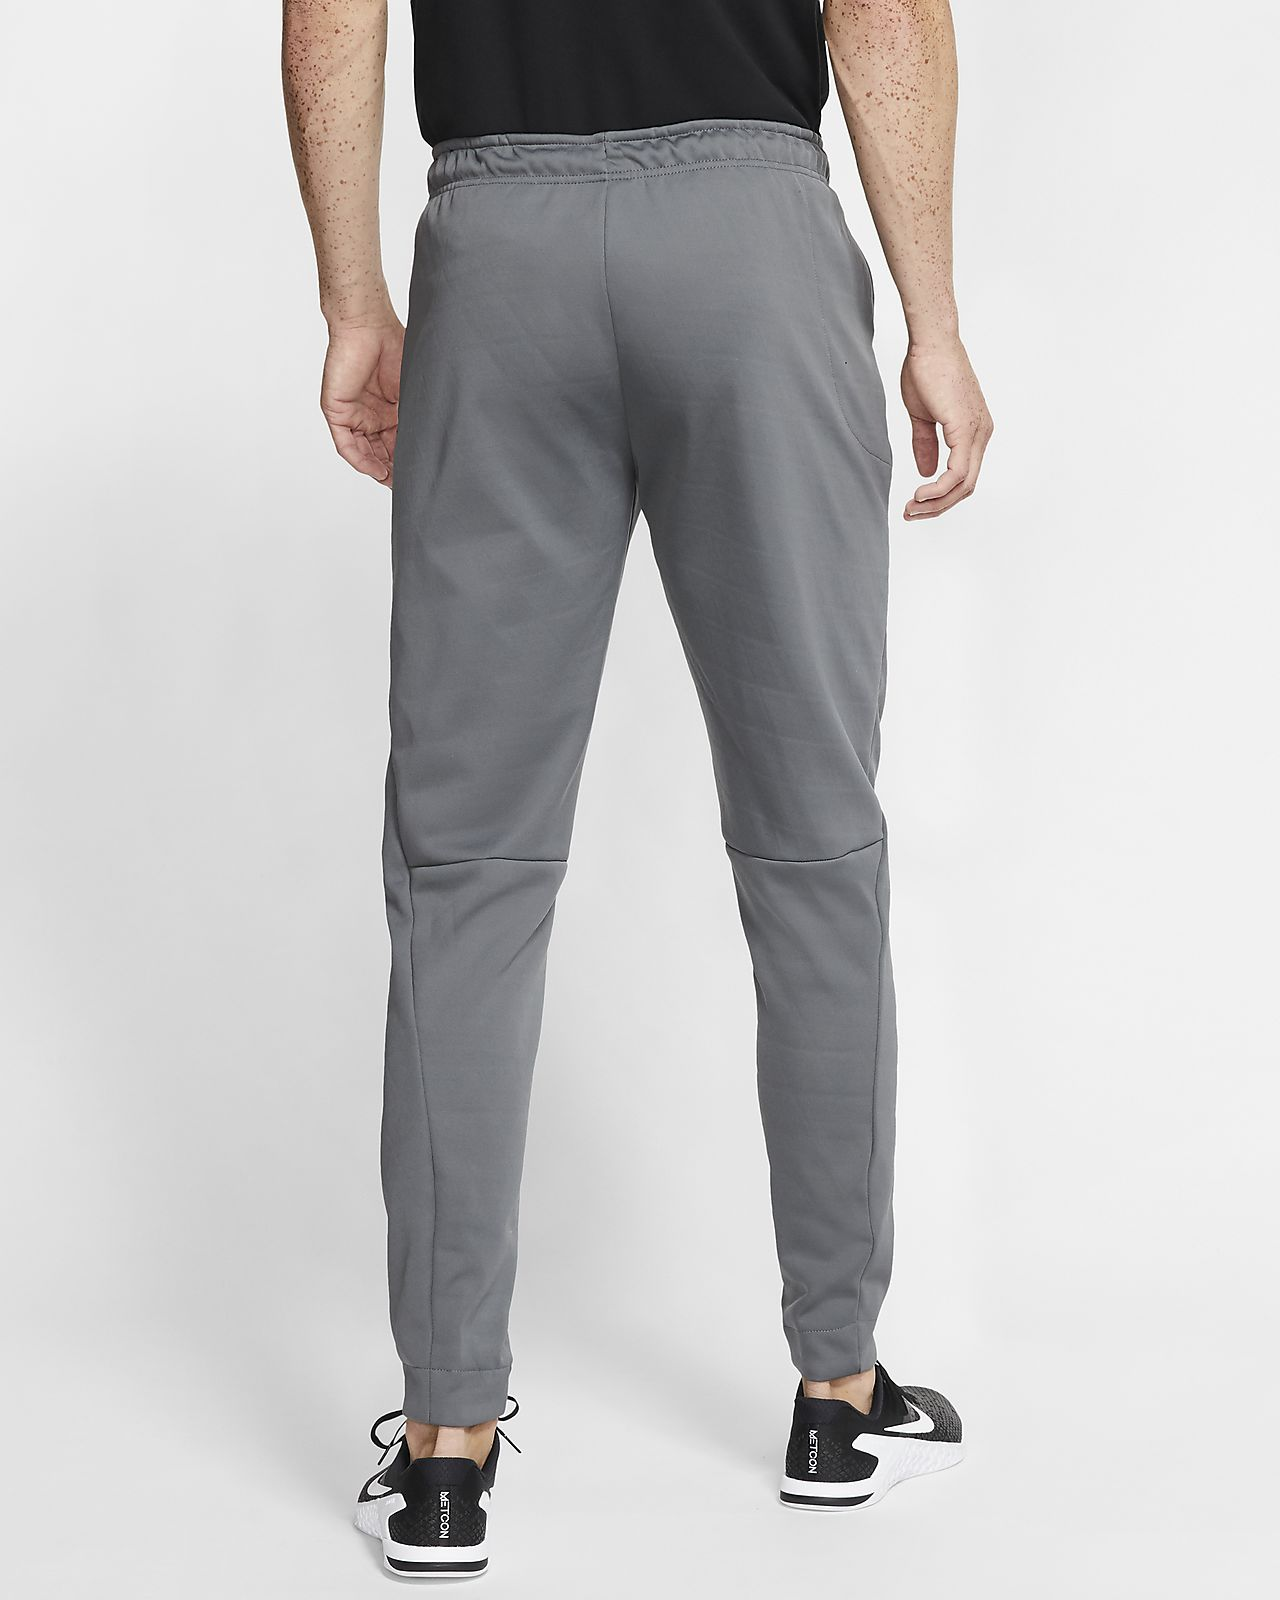 pantaloni nike bianchi uomo